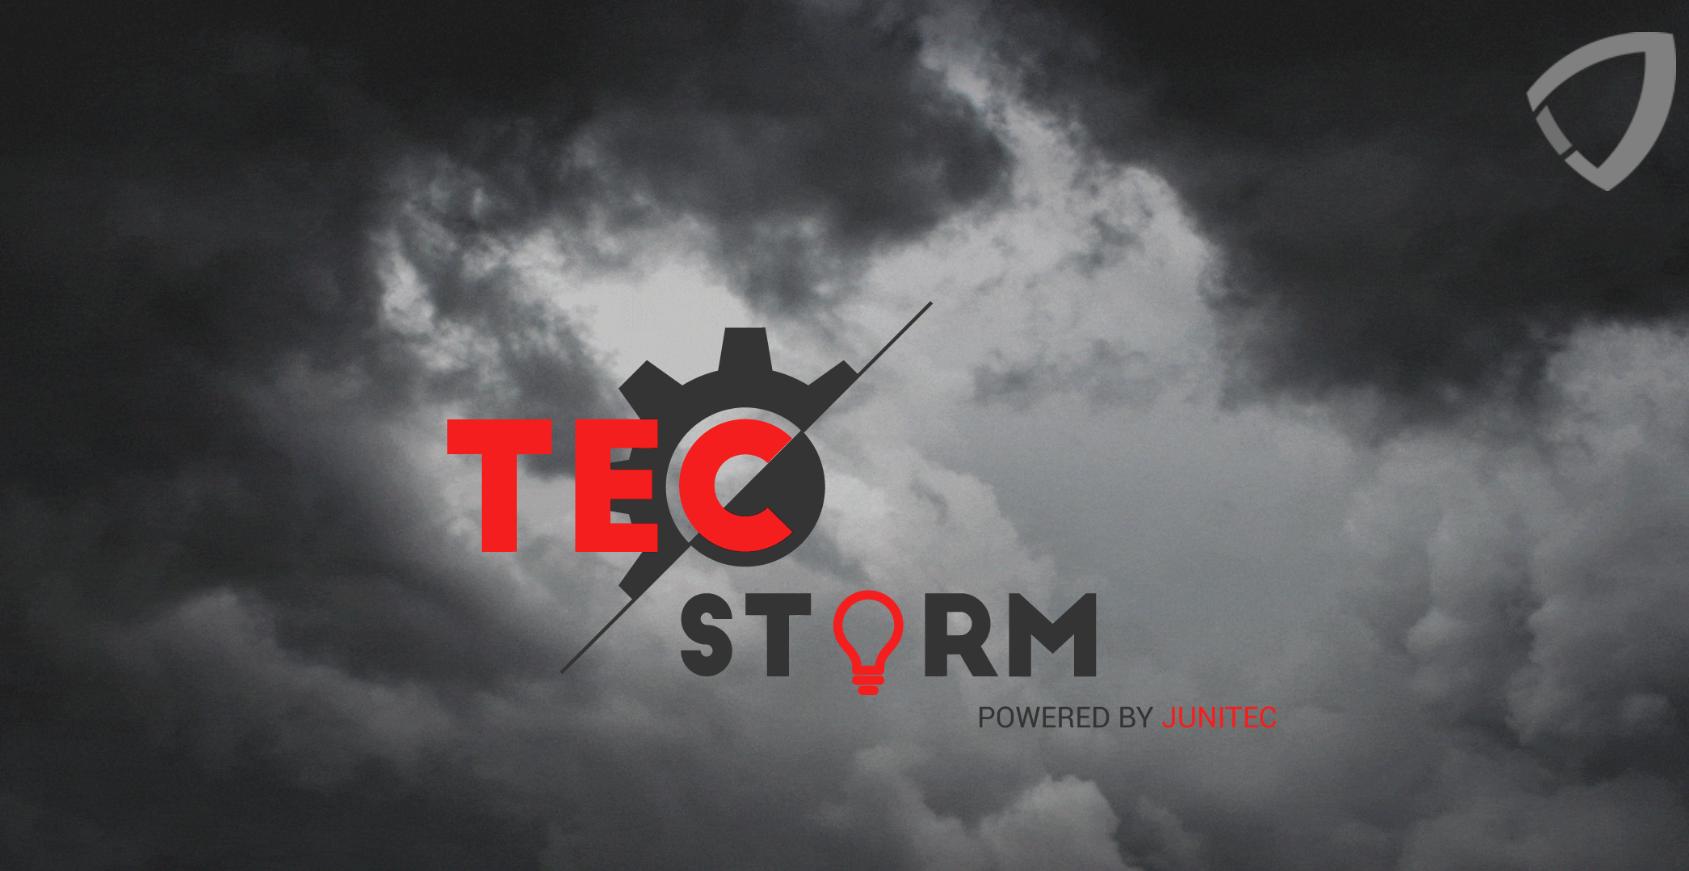 TecStorm'19: uma maratona com muita tecnologia por dentro